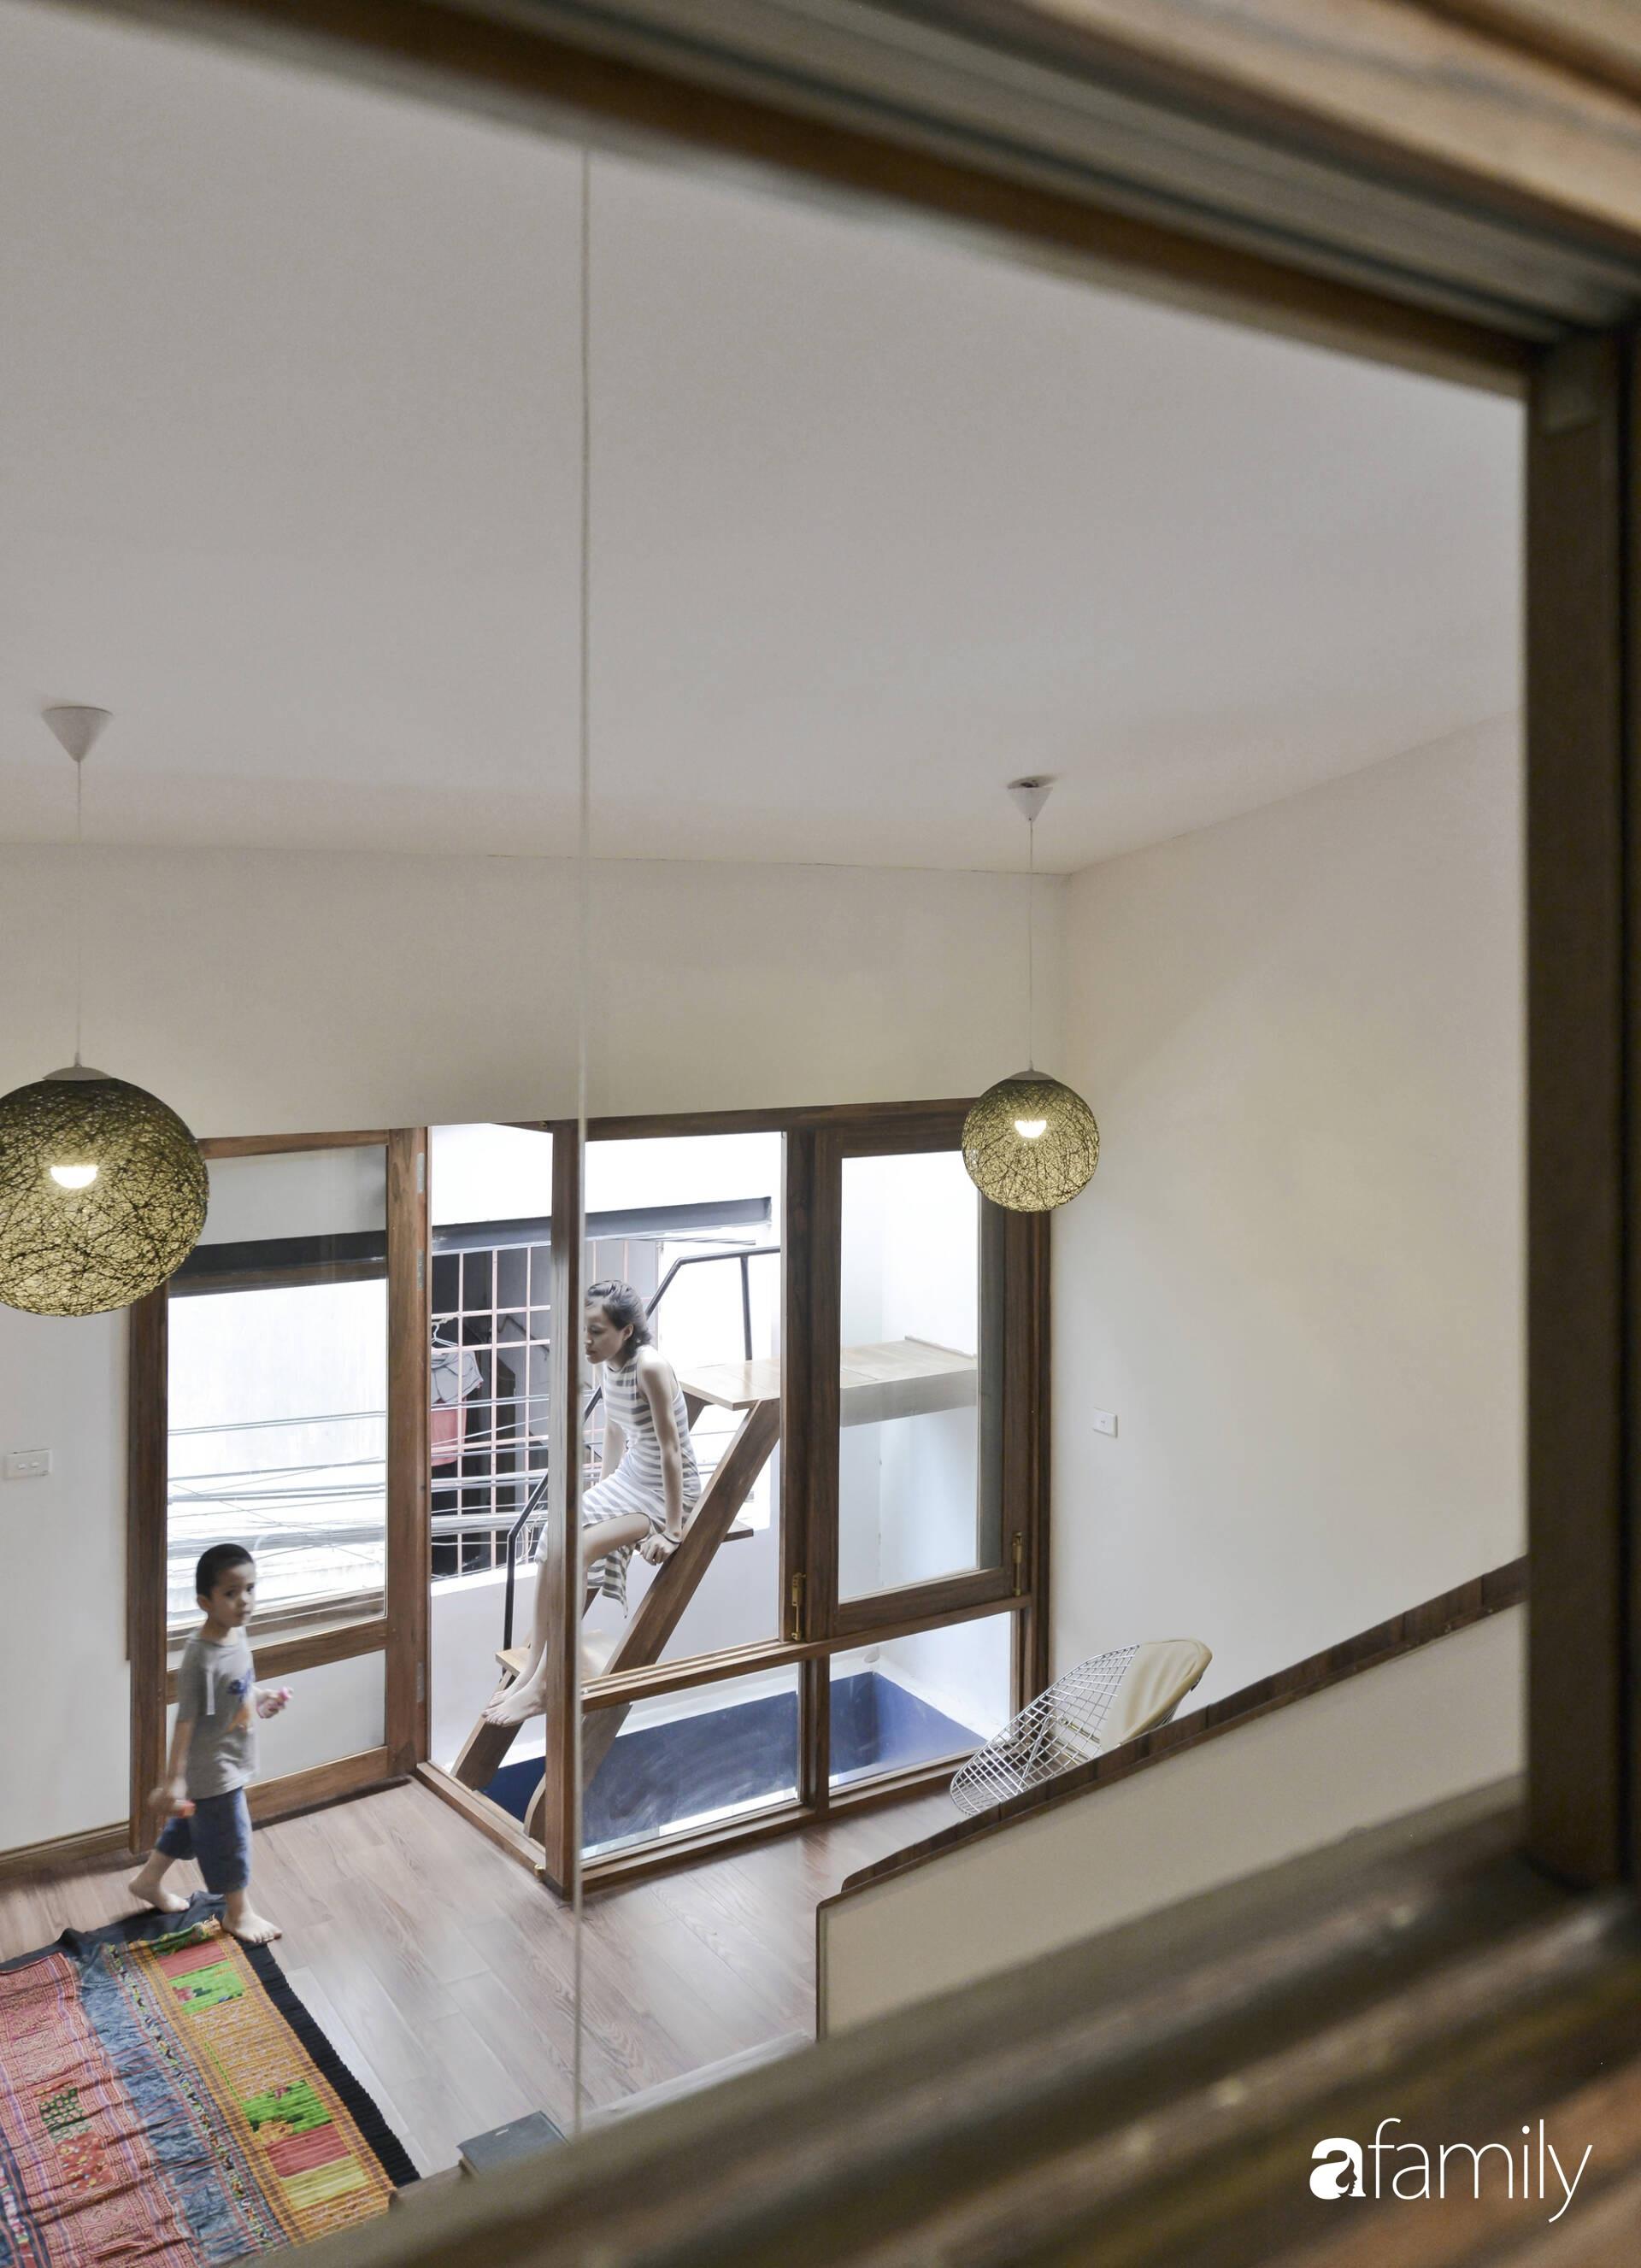 Vẻ đẹp của gỗ kết hợp nội thất đơn giản trong ngôi nhà 45,6m² ở ngõ nhỏ Hà Nội sau khi cải tạo - Ảnh 10.